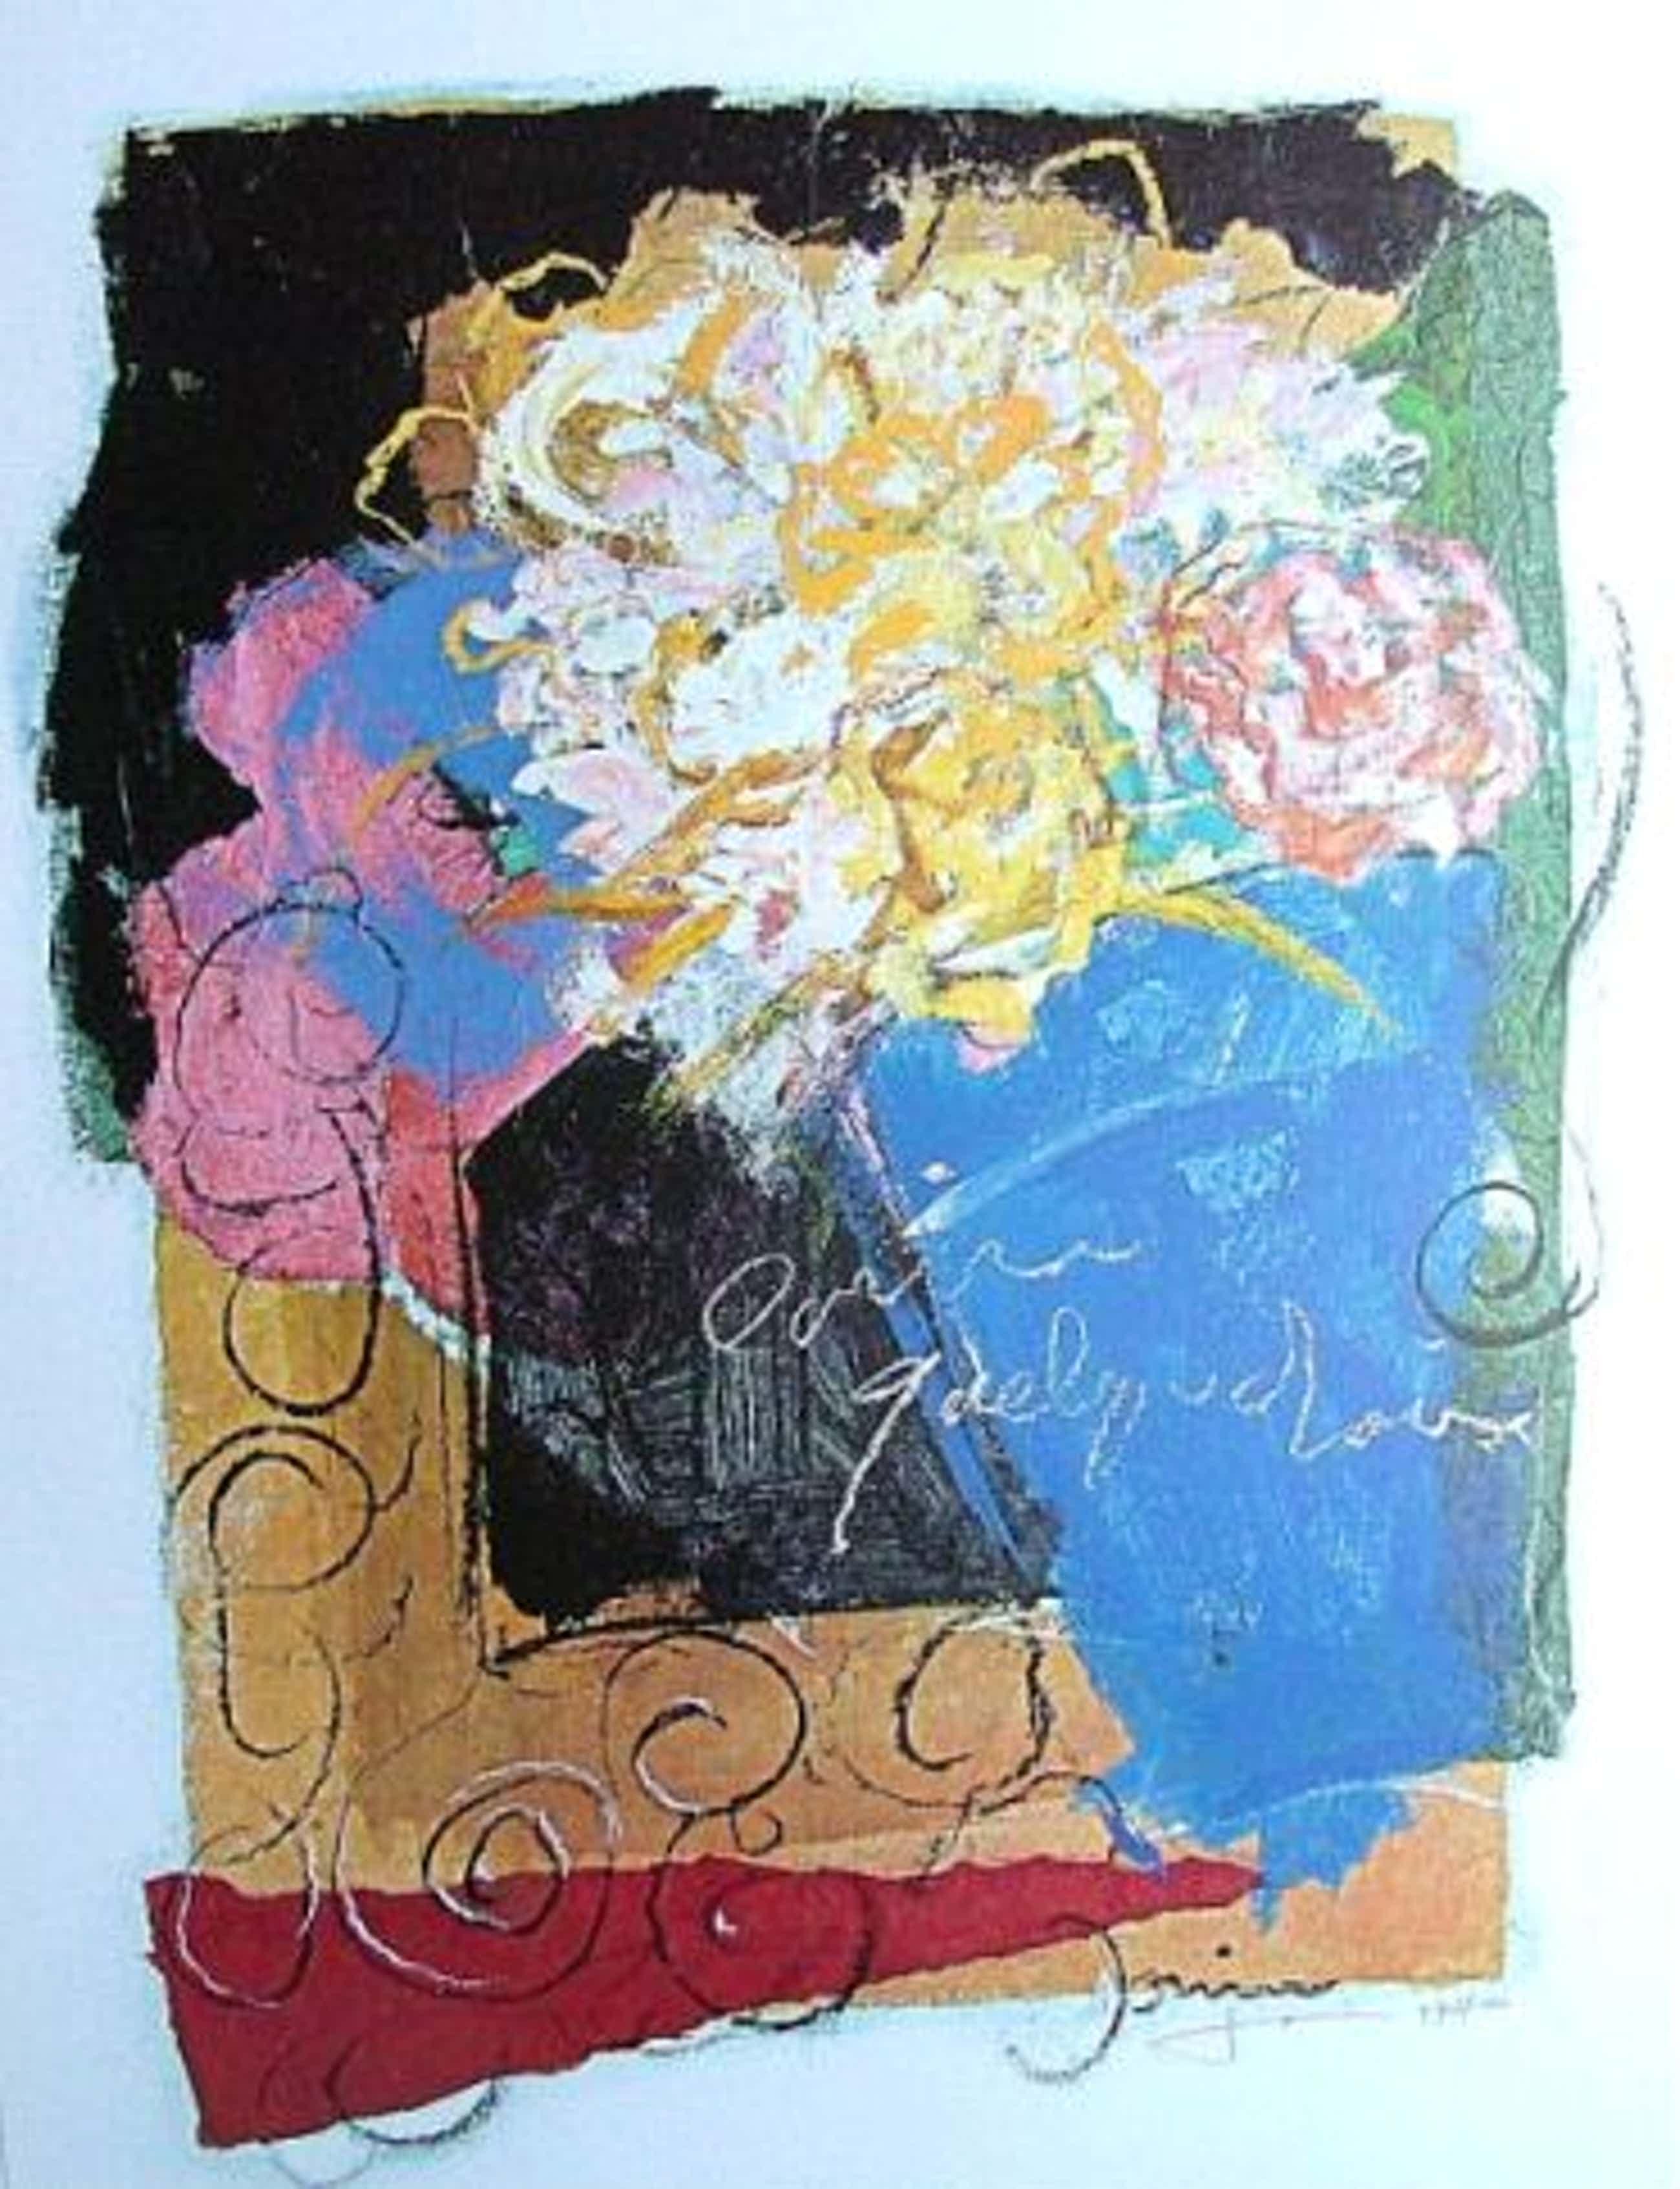 Ger Doornink - Bouquet en bleu - originele litho, genummerd 470/1000 en handgesigneerd kopen? Bied vanaf 25!